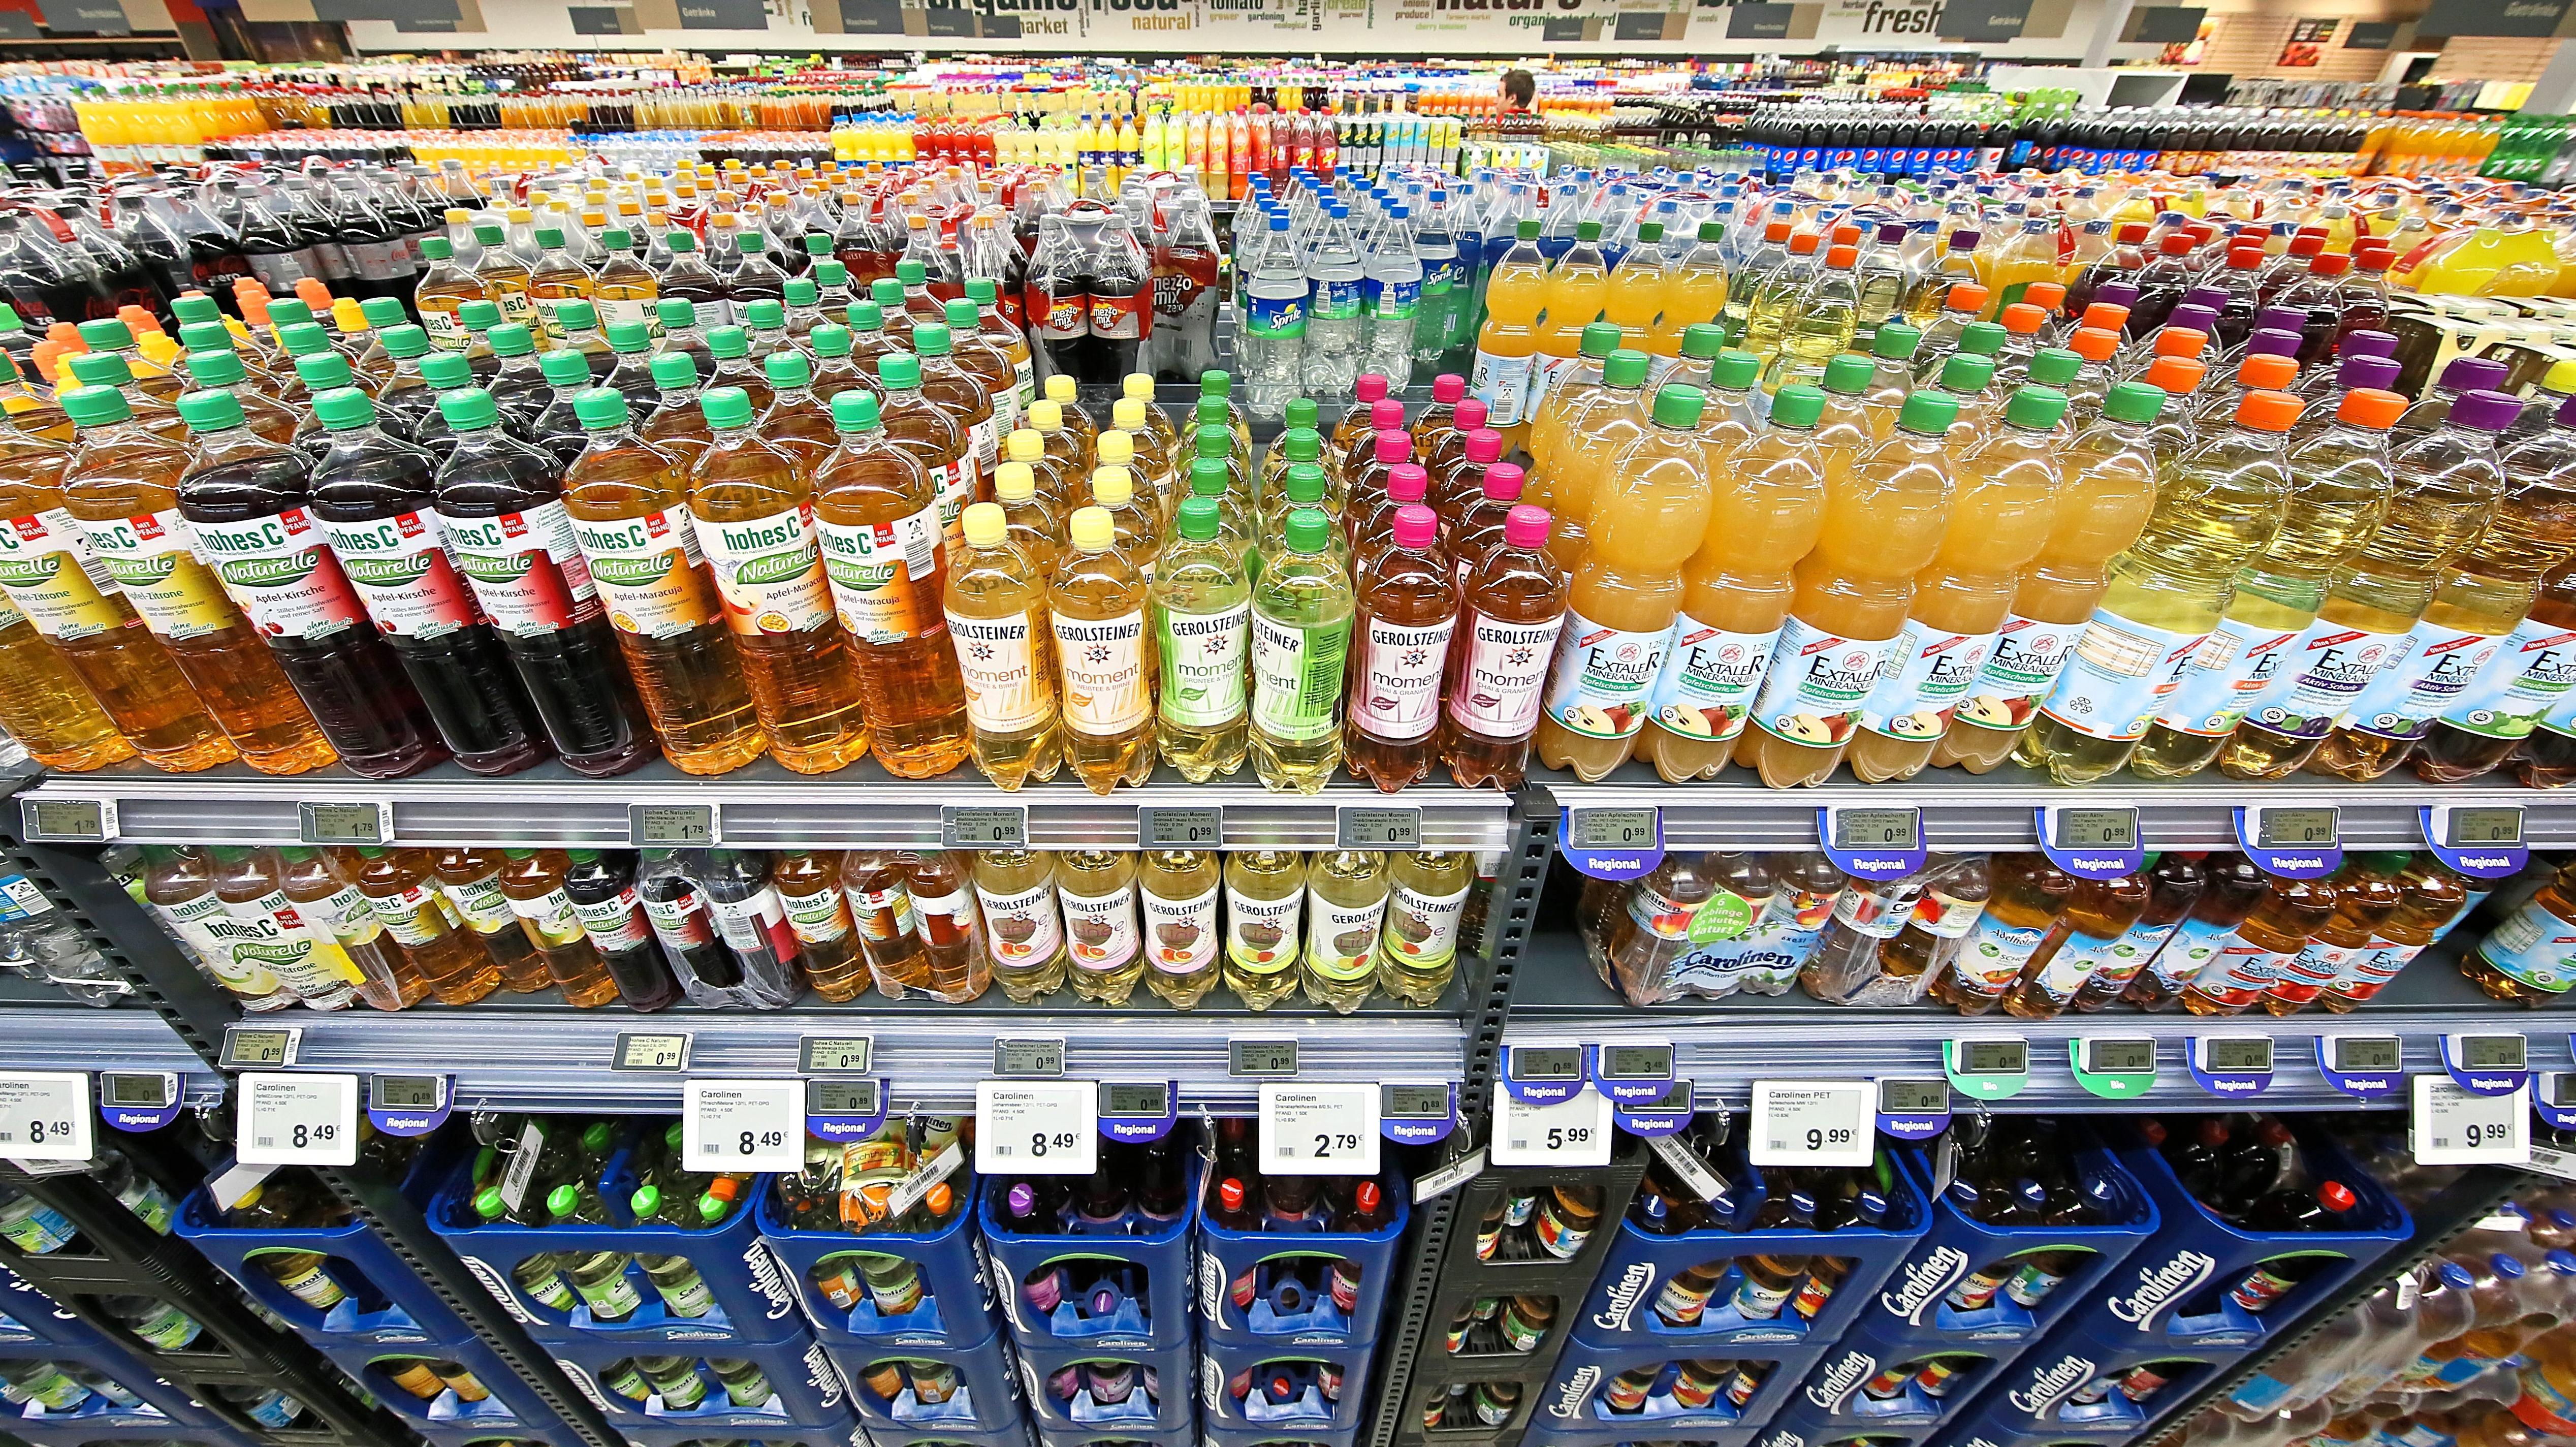 Zuckerg-Erfrischungsget-Eine-von-fnf-Produktkatego-132069 Einzigartig Getränkeregal Selber Bauen Konzept